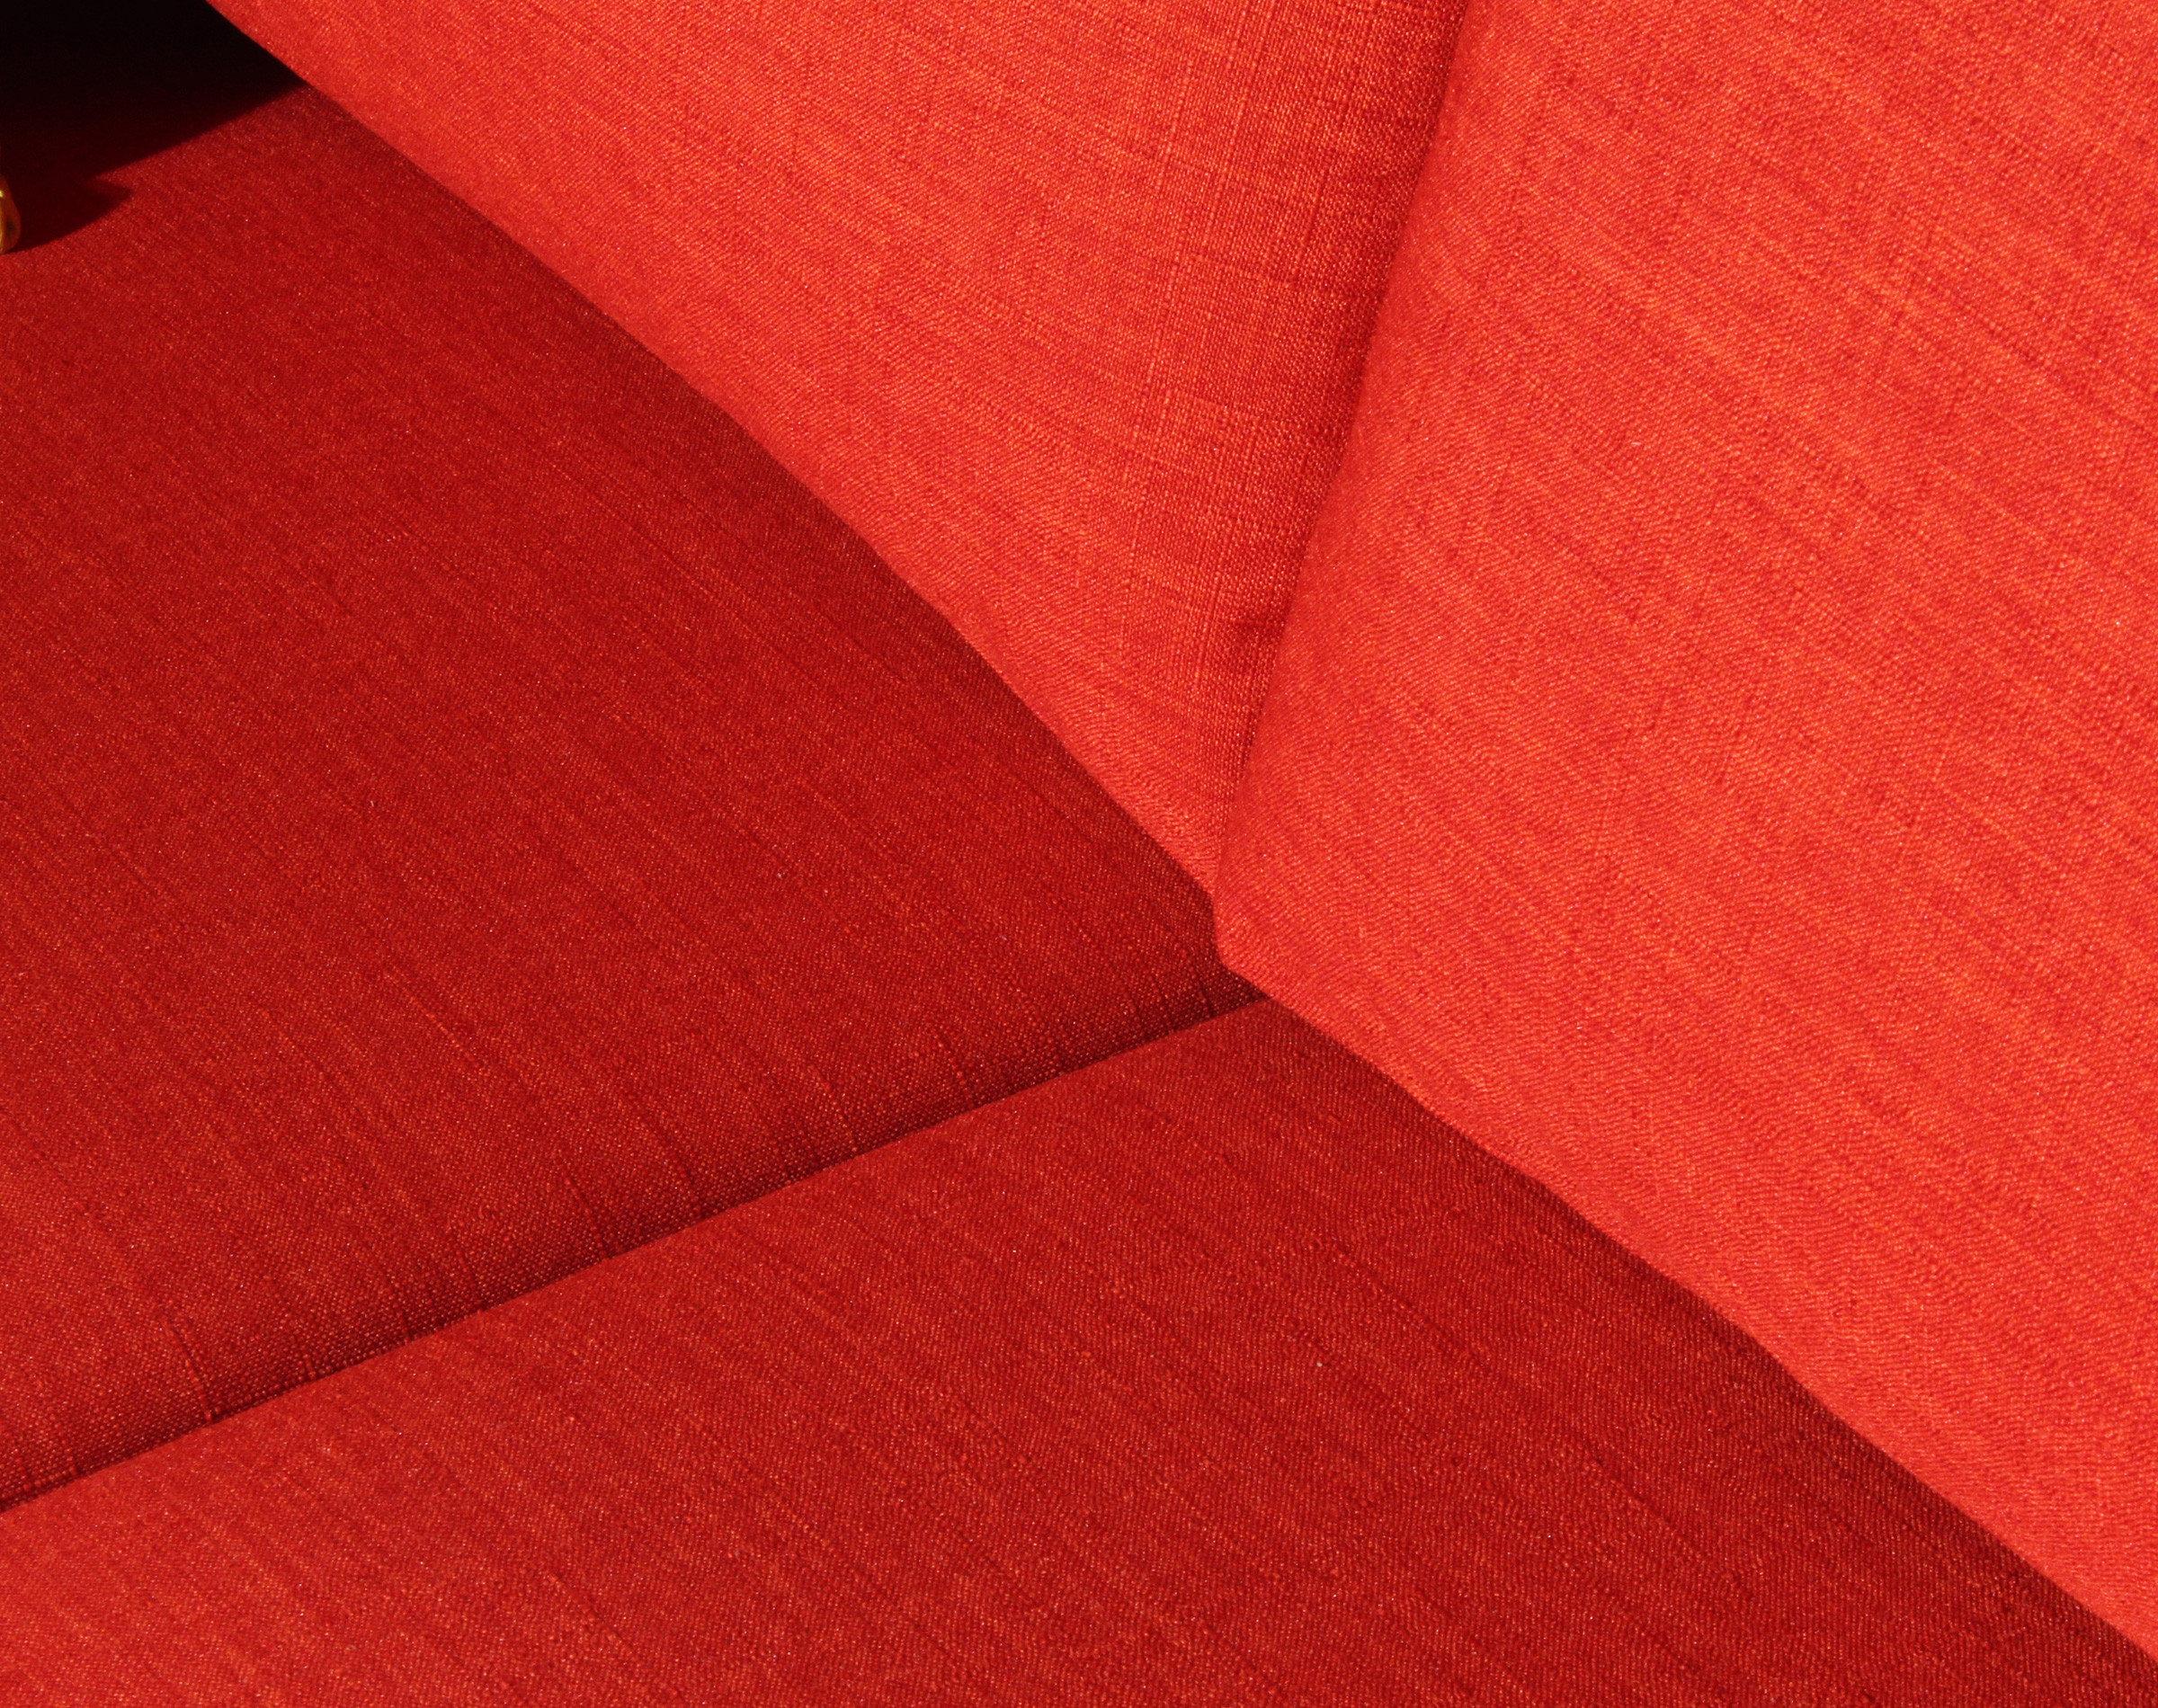 sofa-cama-urban-bariloche-naranjo-detalle-tapiz